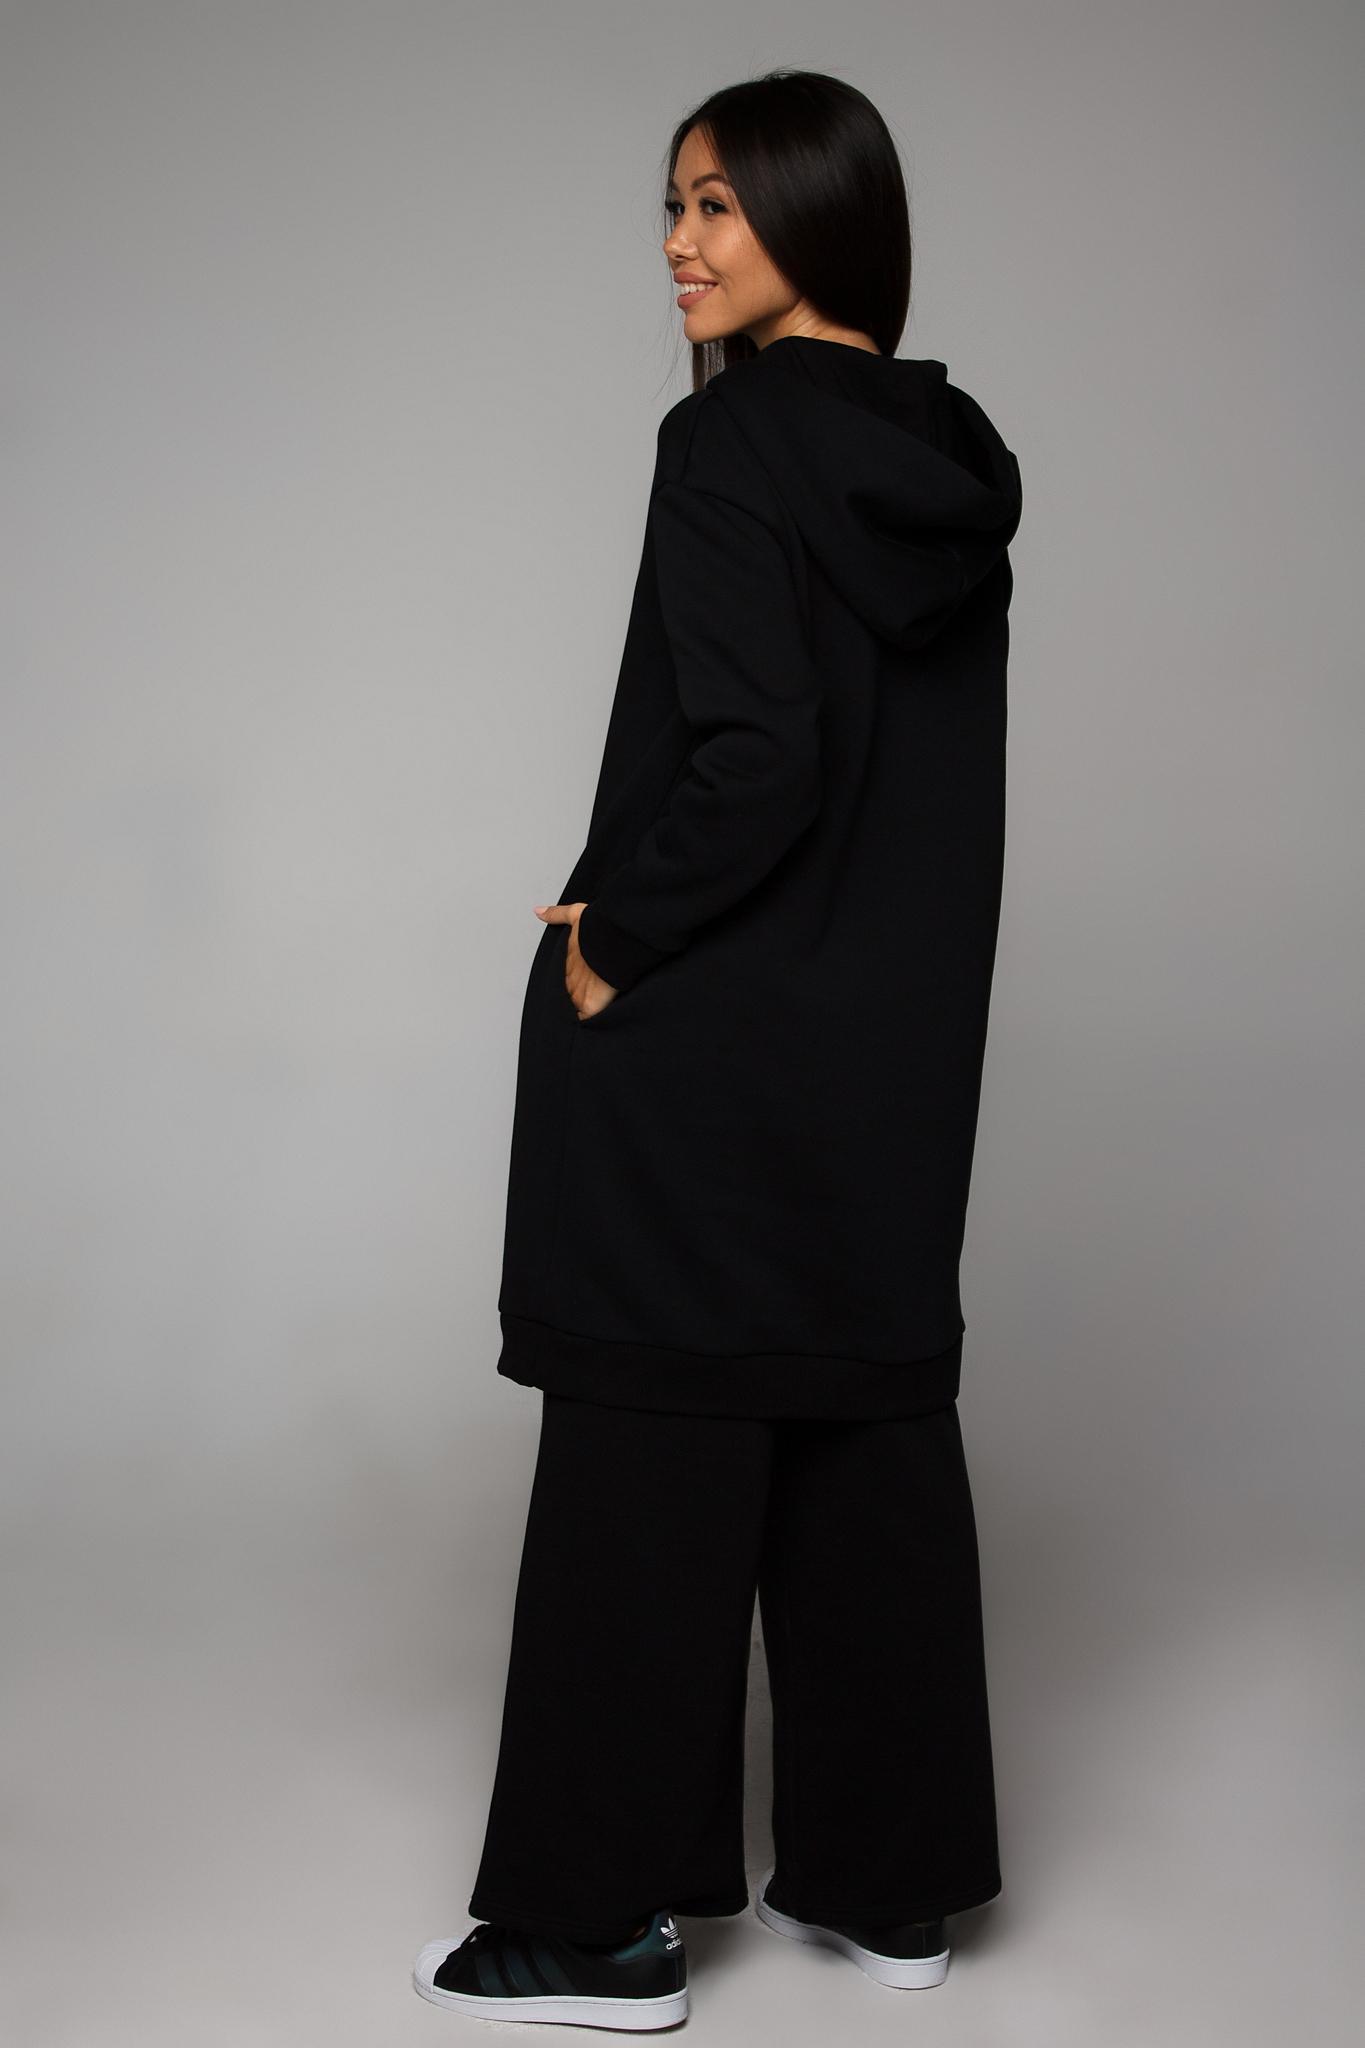 Костюм утепленный черный YOS от украинского бренда Your Own Style